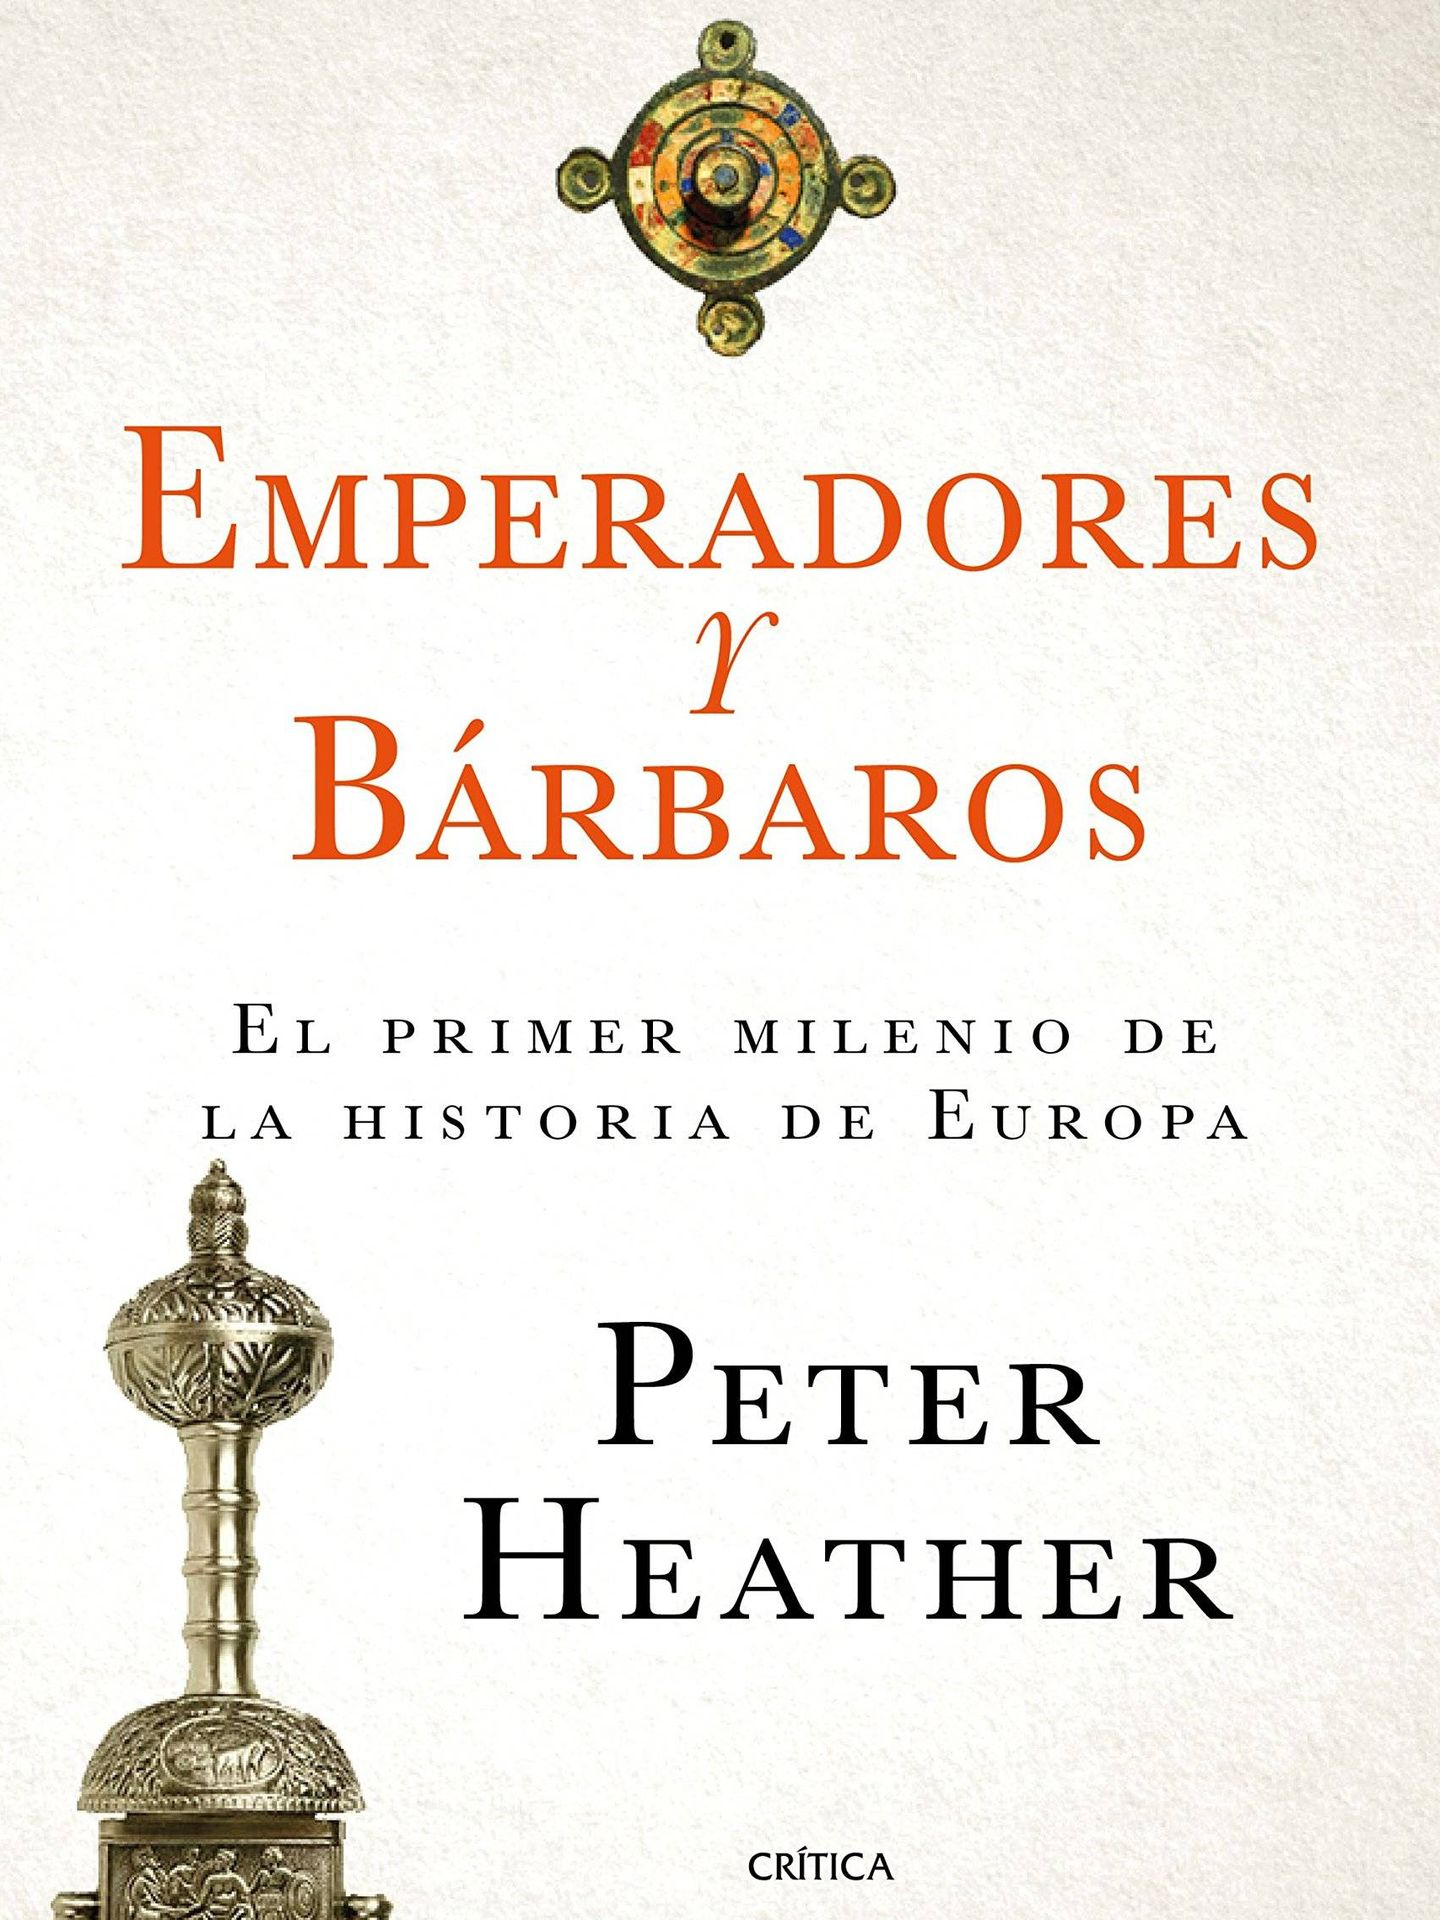 'Emperadores y bárbaros'